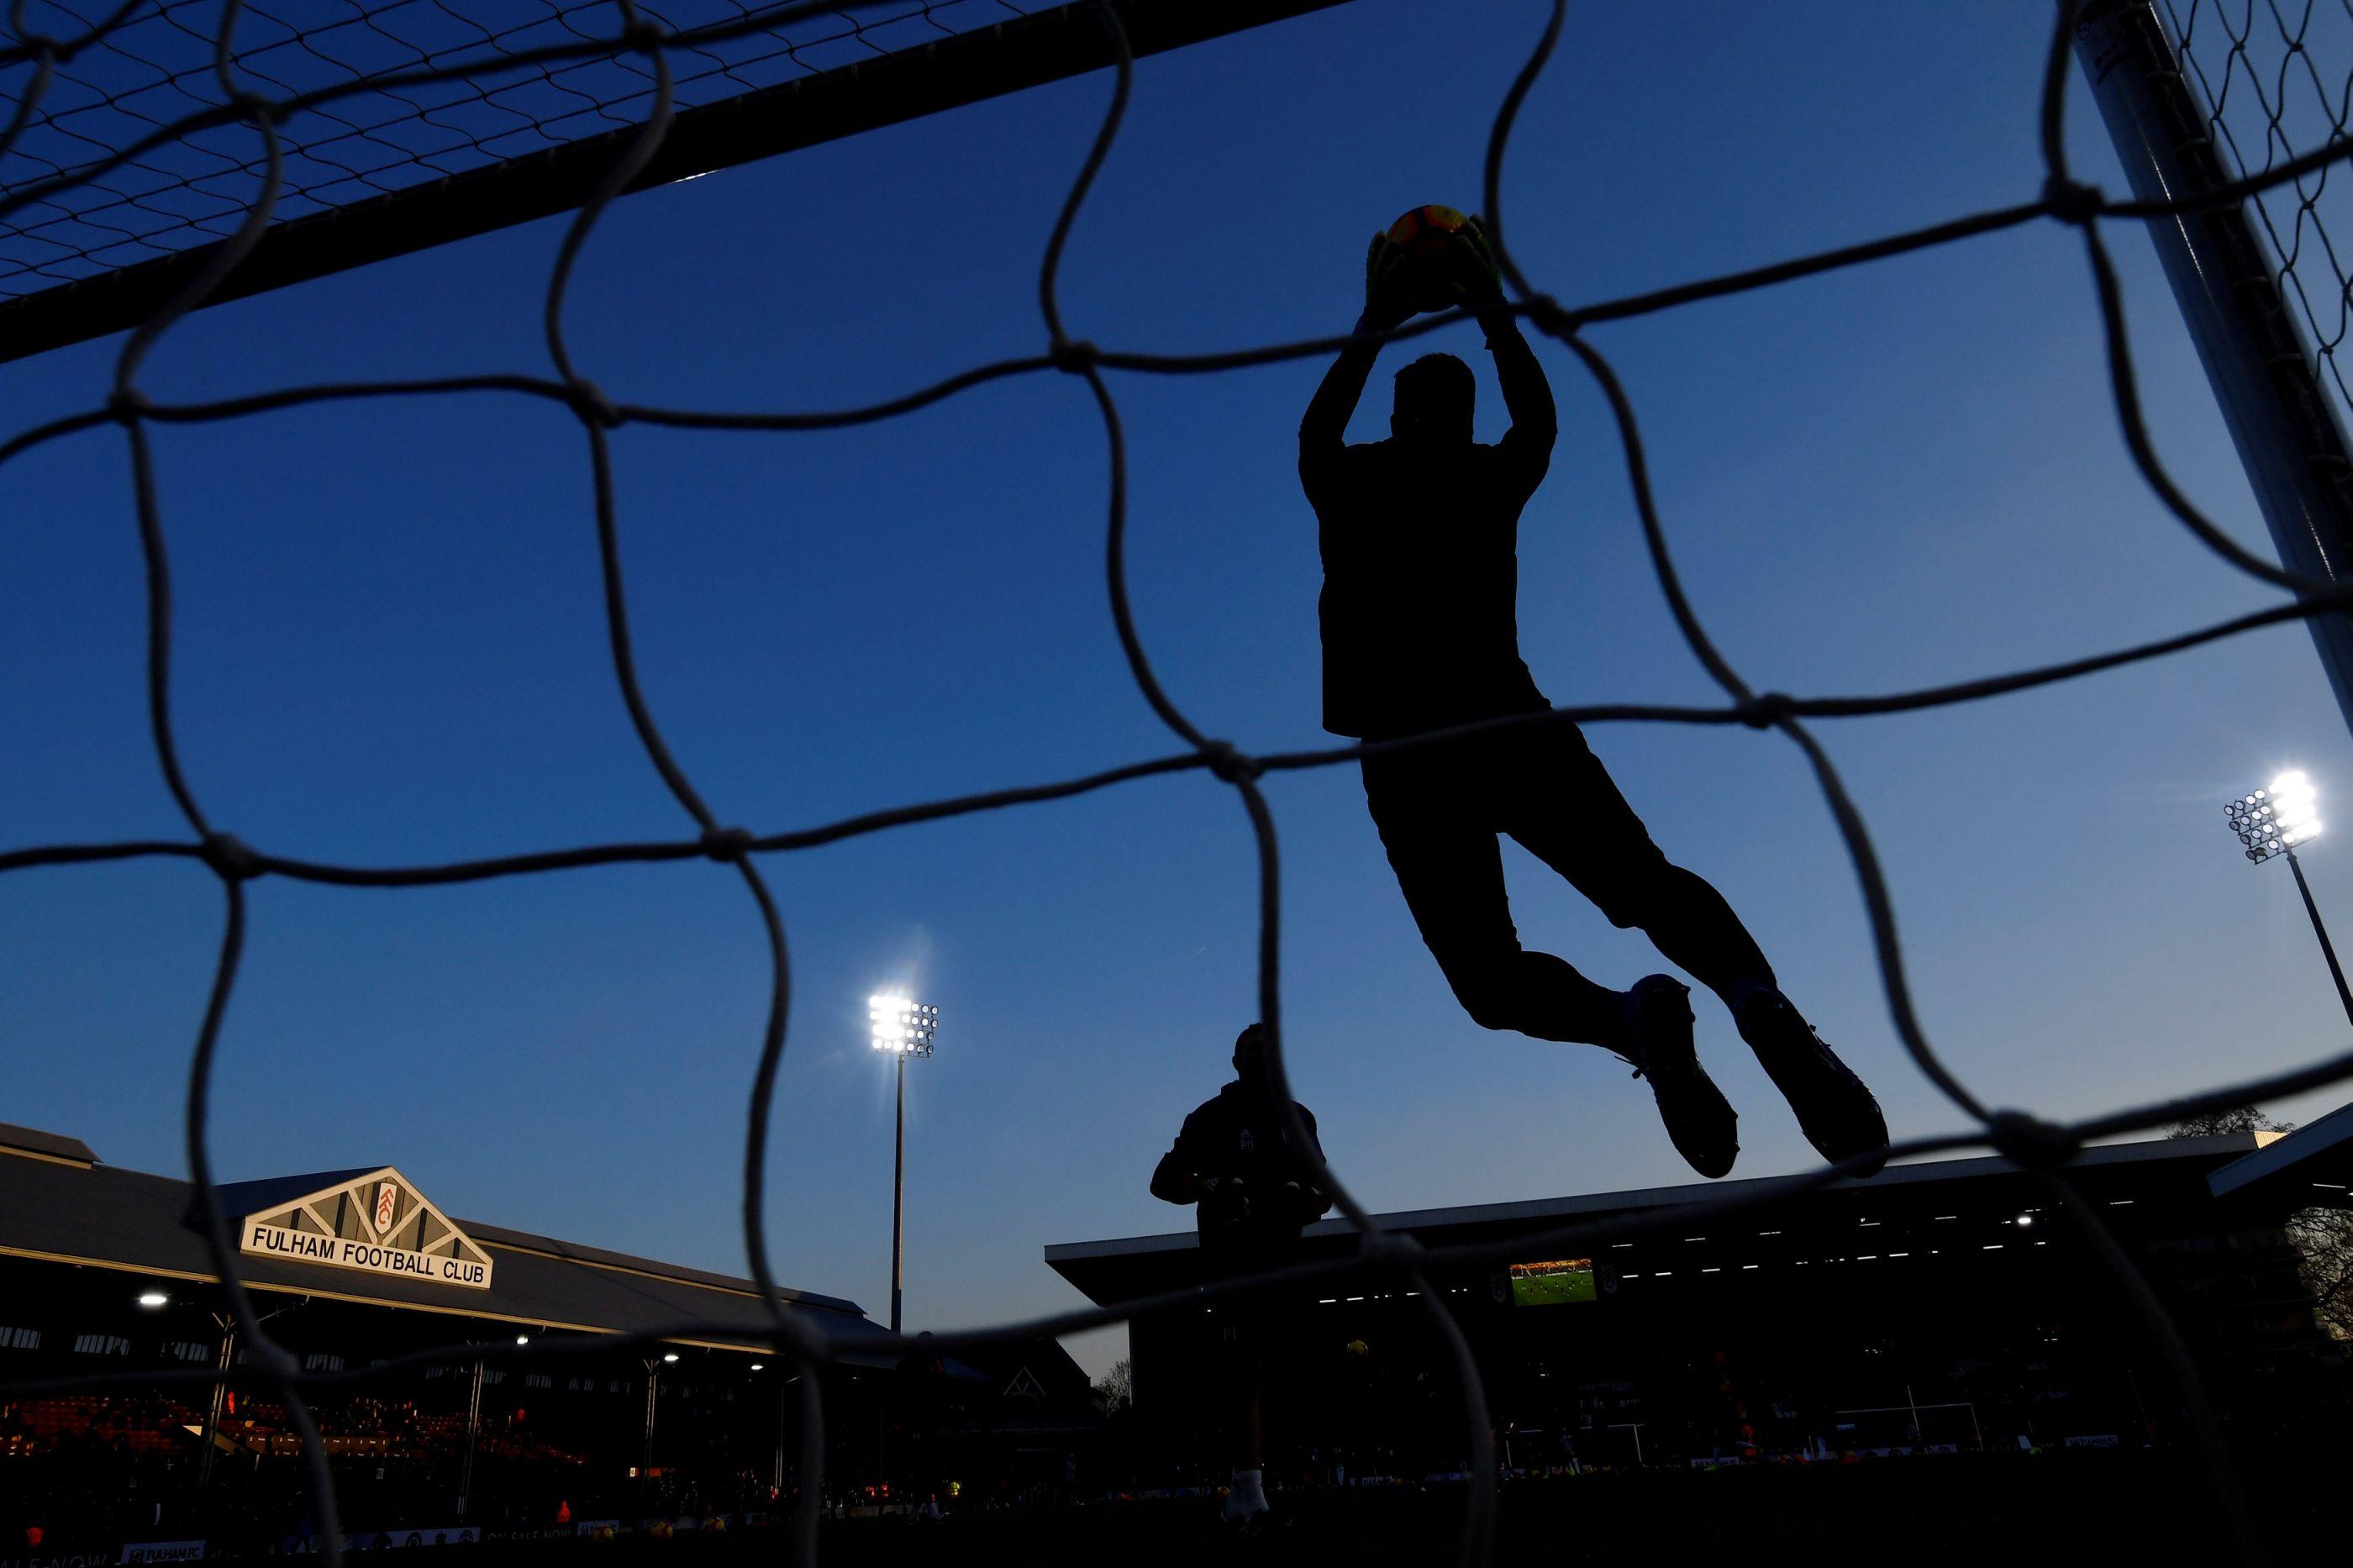 Transmissão ilegal de jogos de futebol valeu 17 anos de prisão